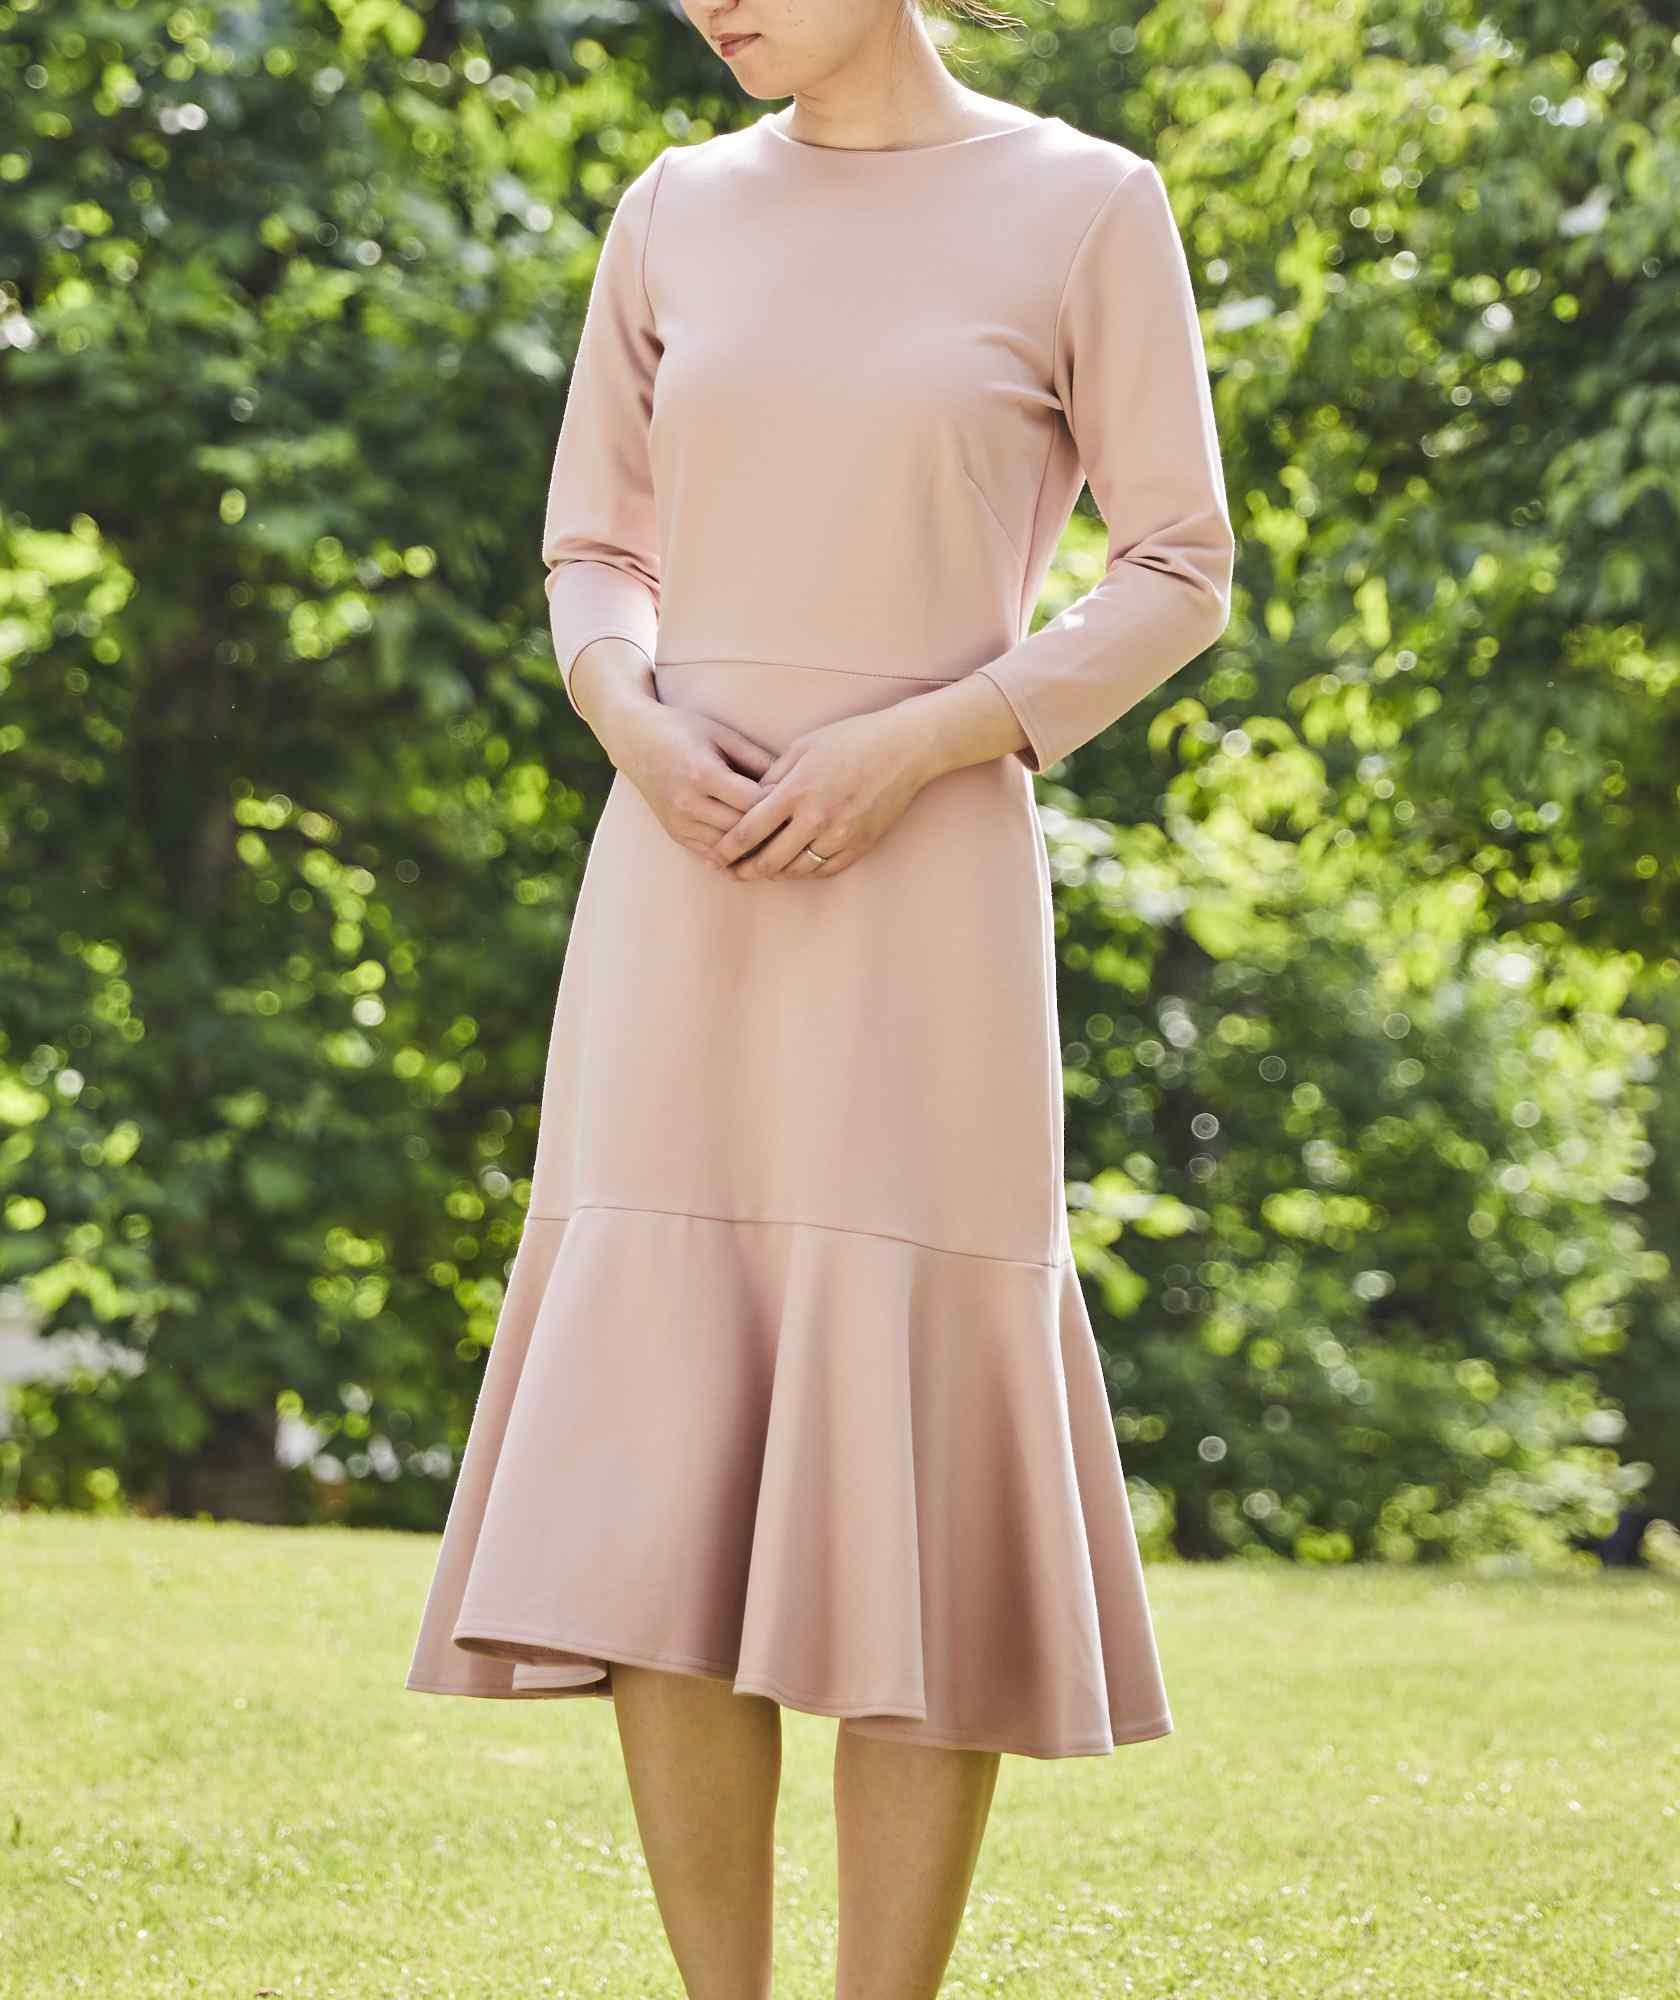 クルーフルスリーブジャージーミディアムドレス-ピンク-S